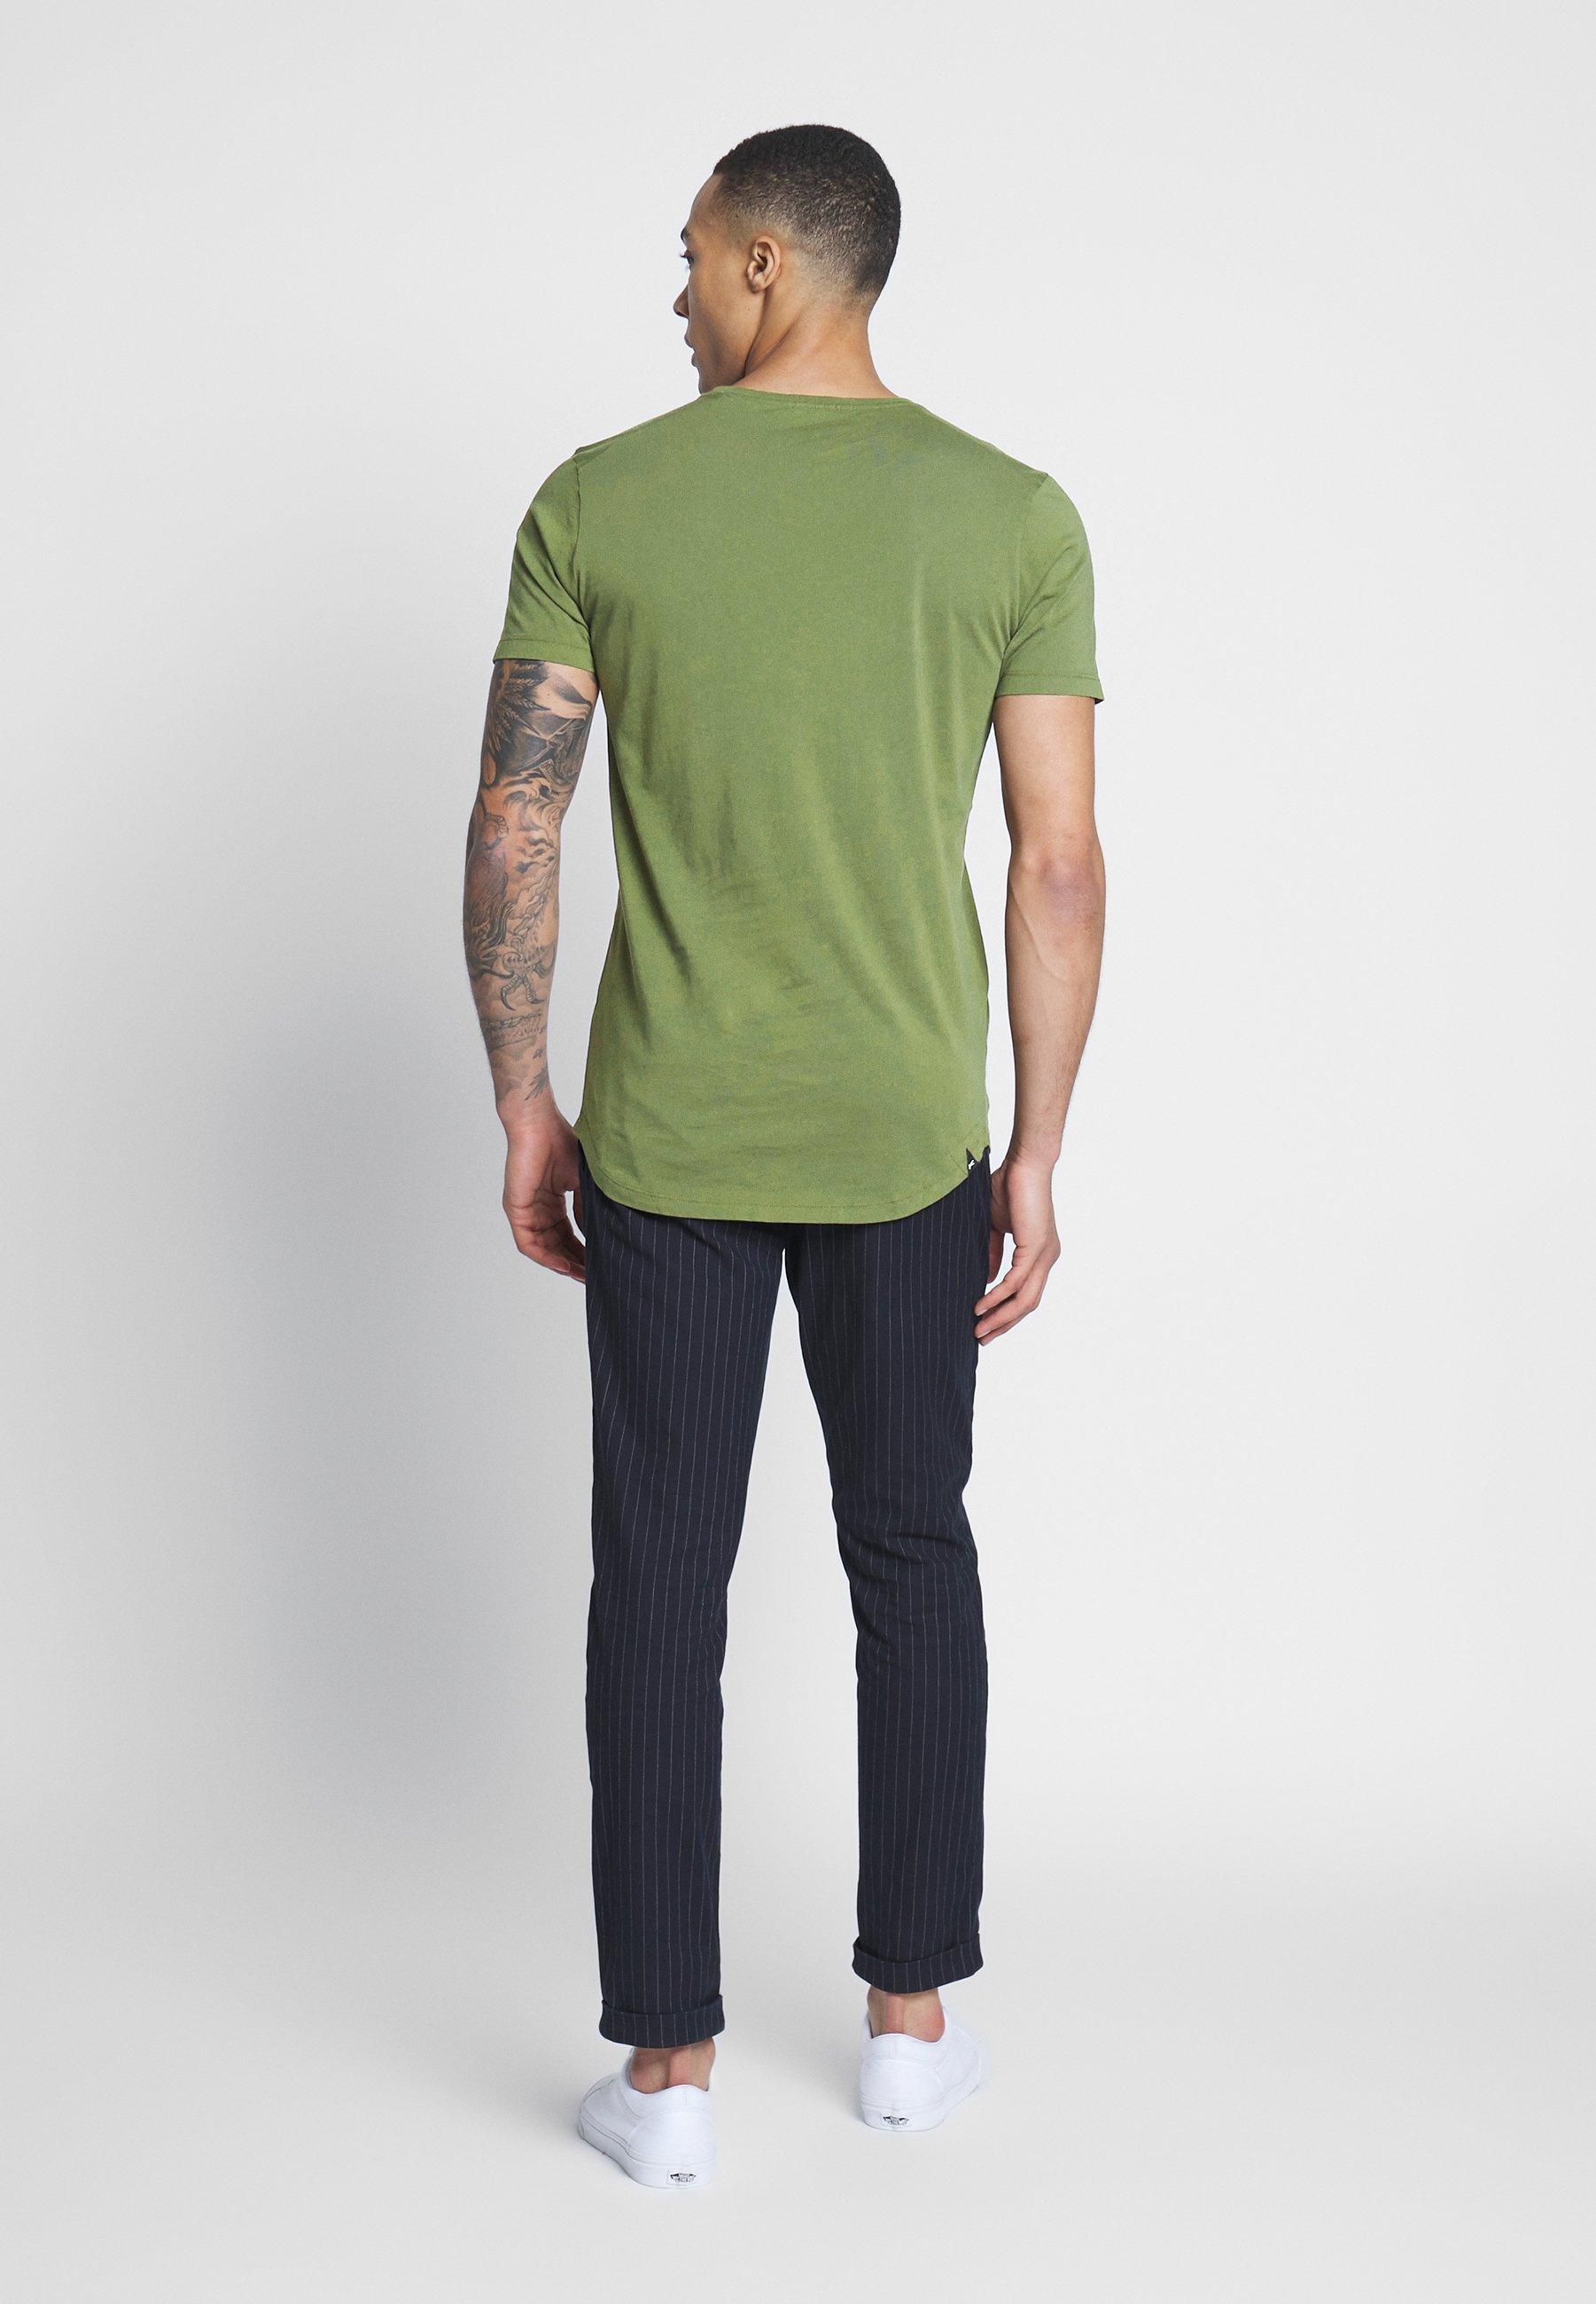 Denham LUIS LONGLINE TEE - Basic T-shirt - army green v4G4c